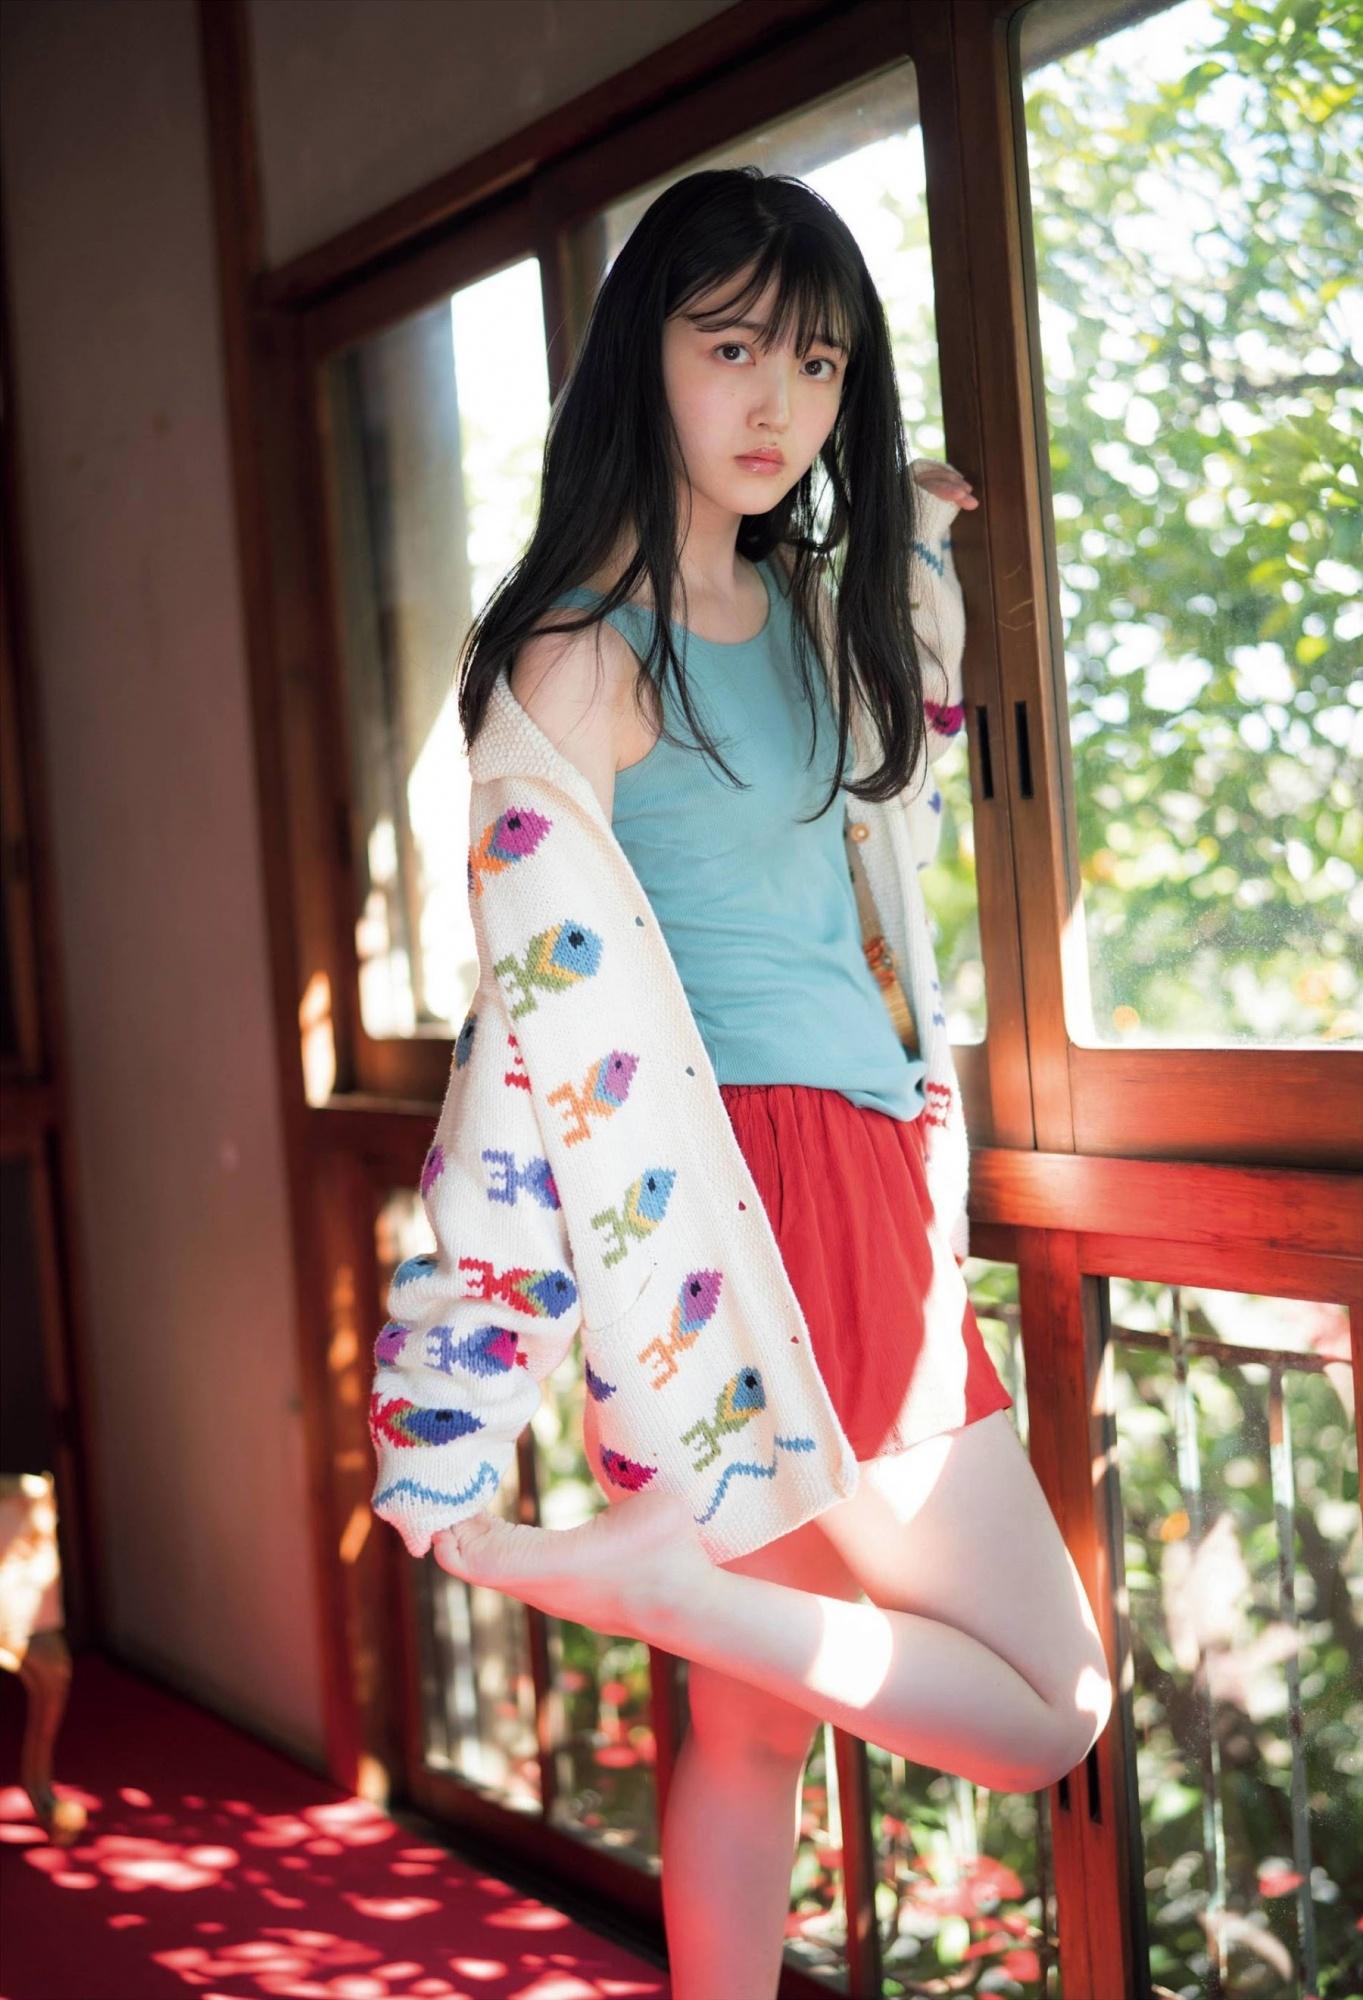 乃木坂46气质担当「久保史绪里」,甜美外型清纯可人邻家女孩气质-新图包